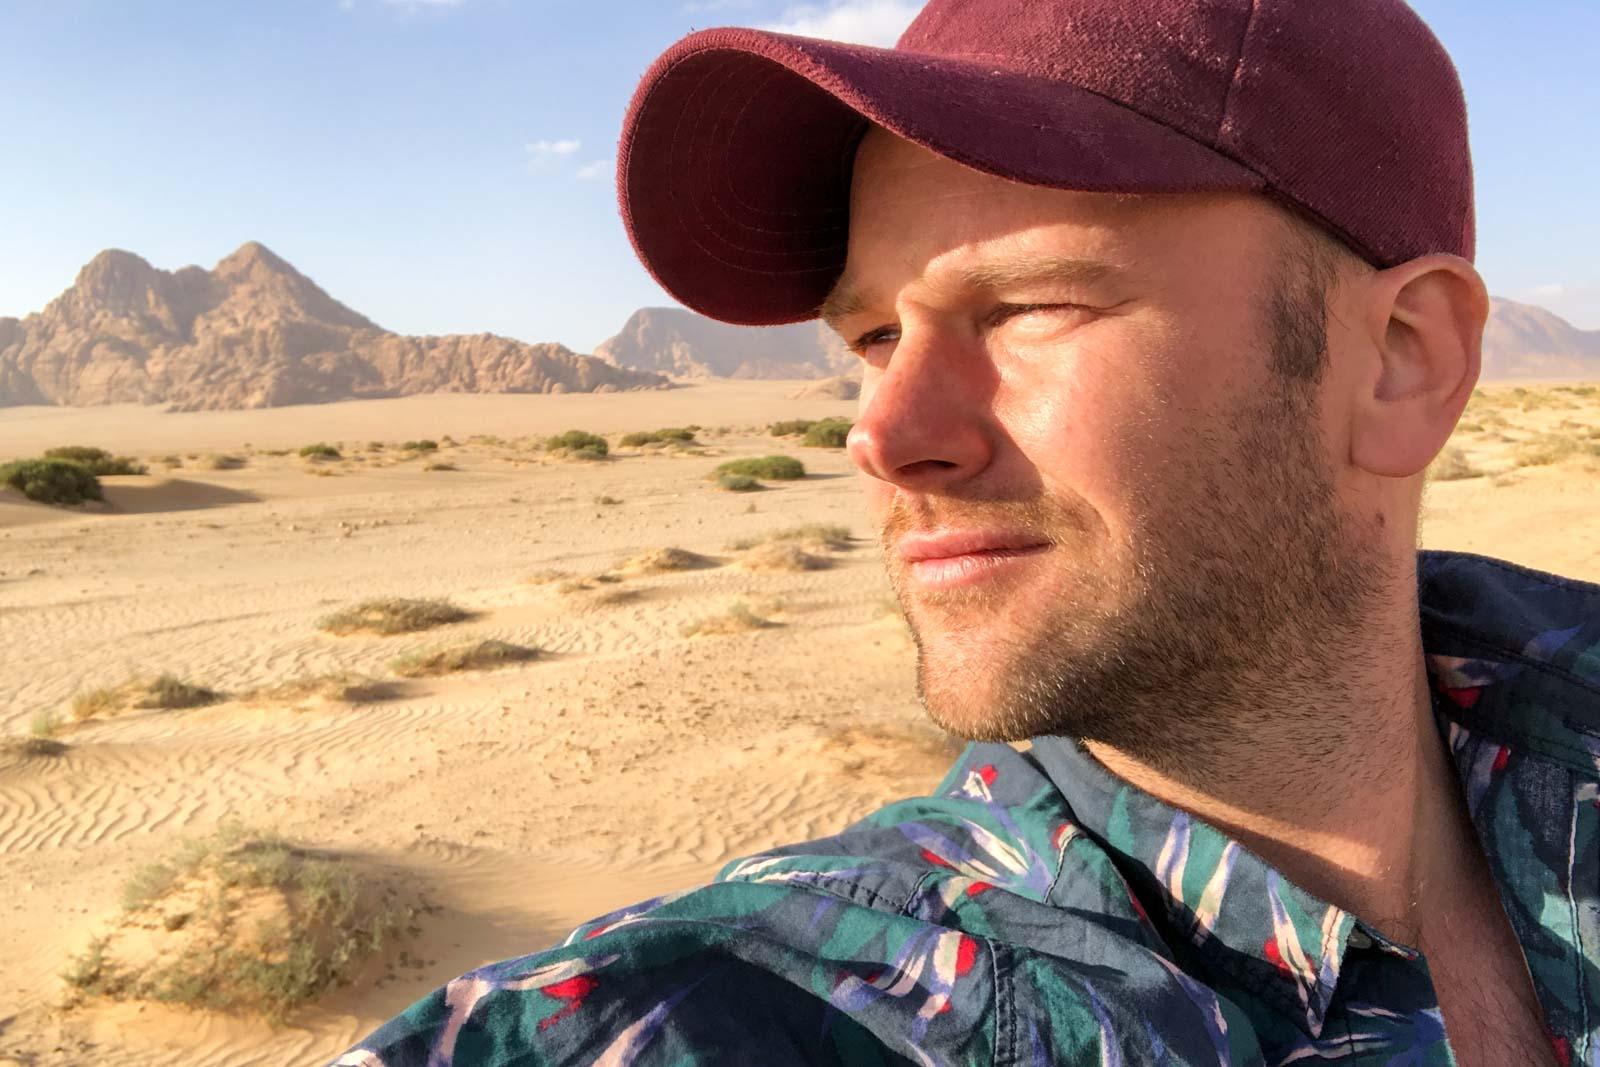 Me in Jordan